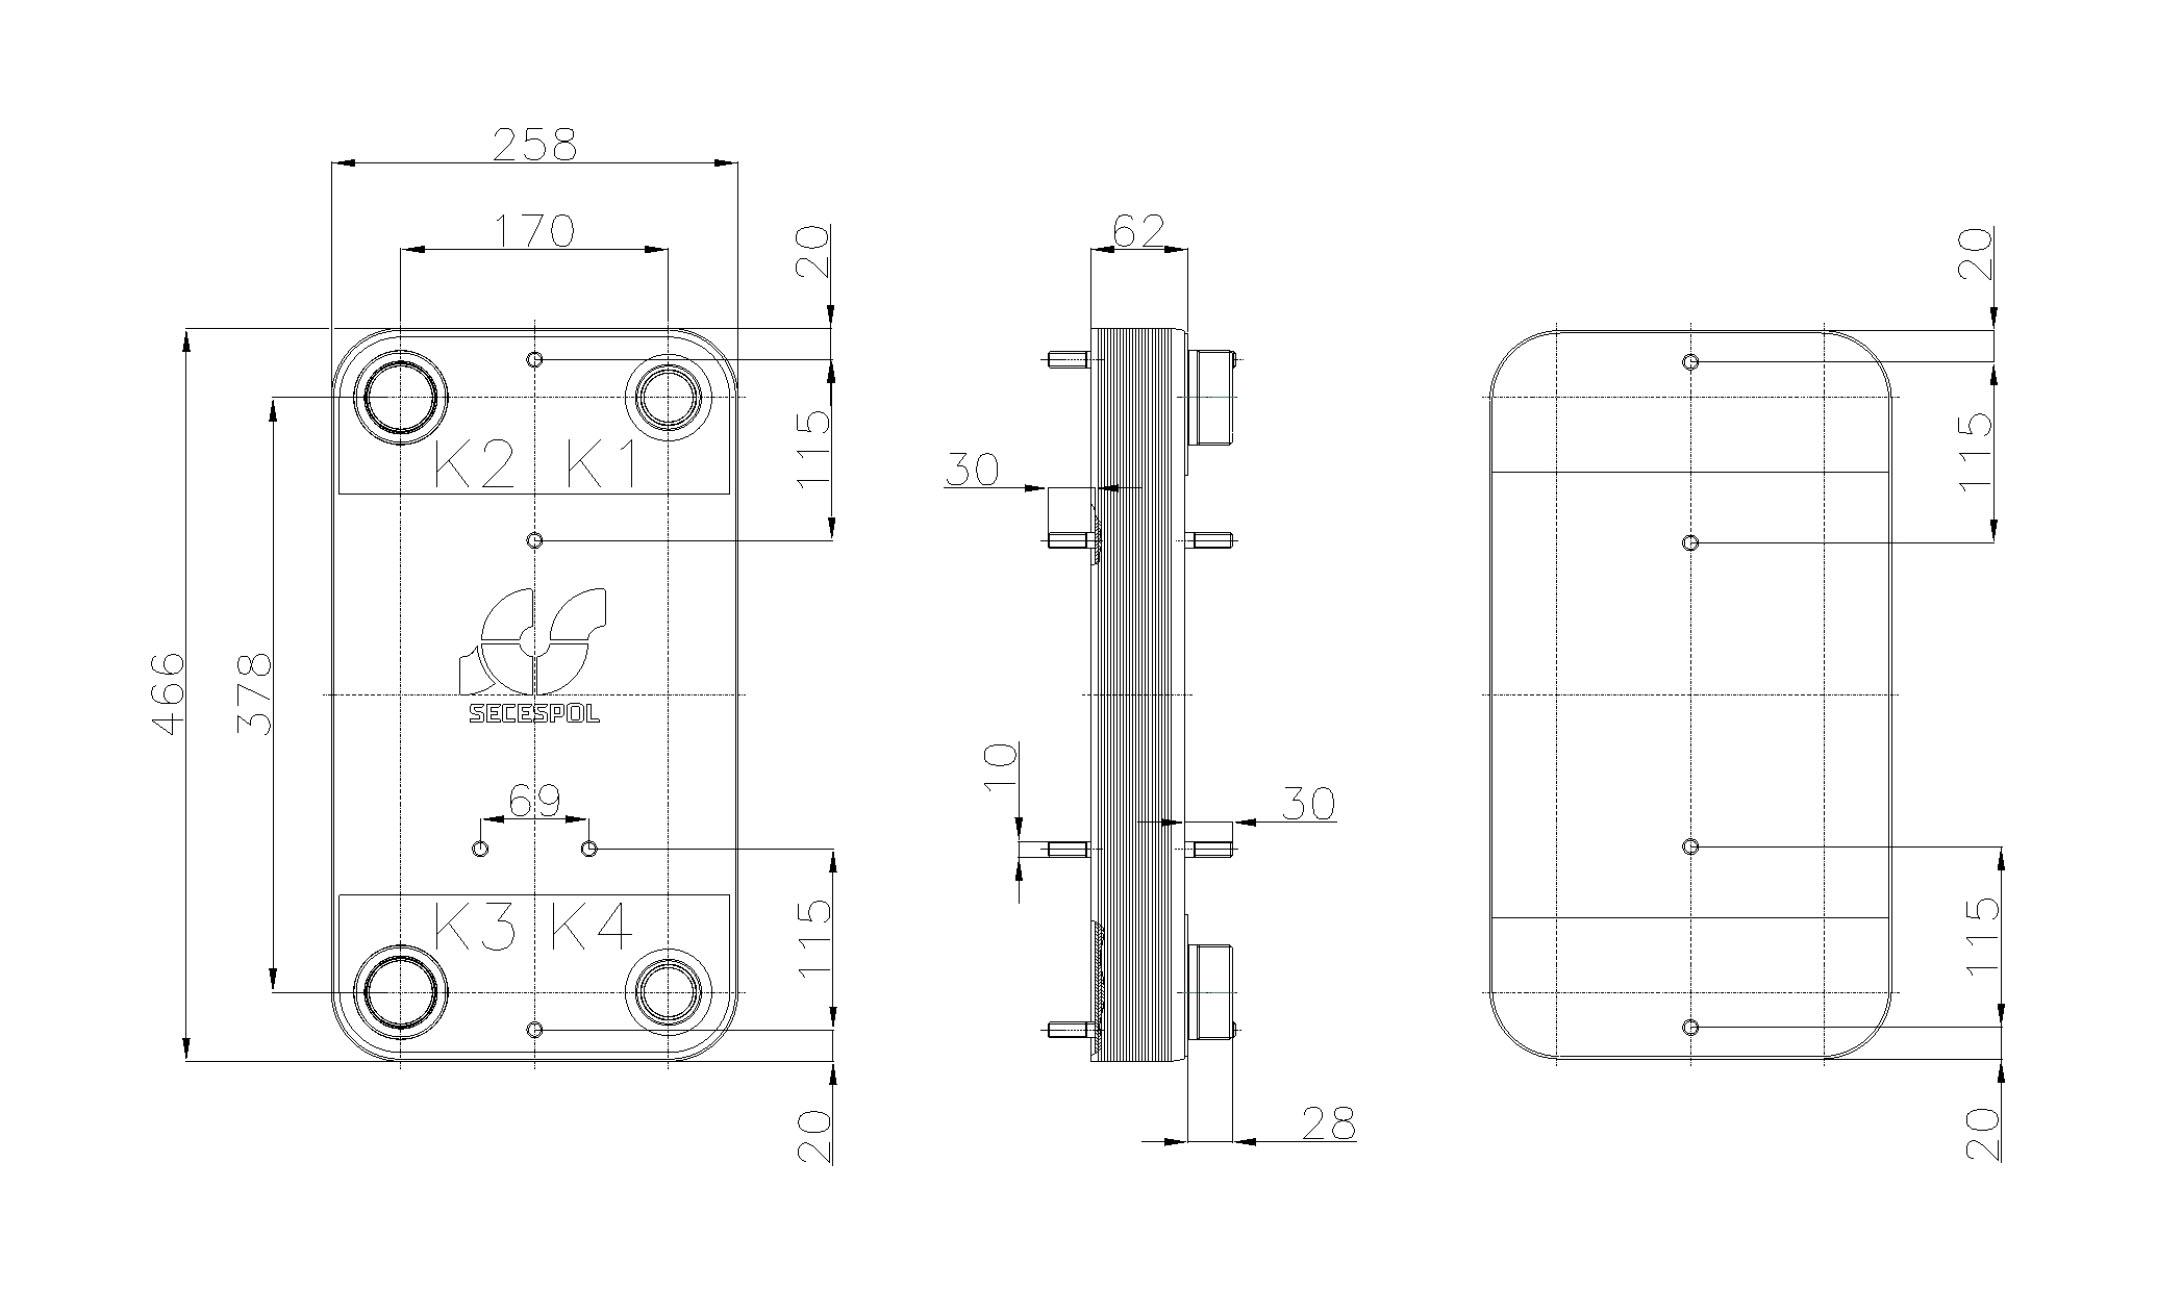 Габаритные размеры паяного пластинчатого теплообменника Secespol RC110-20